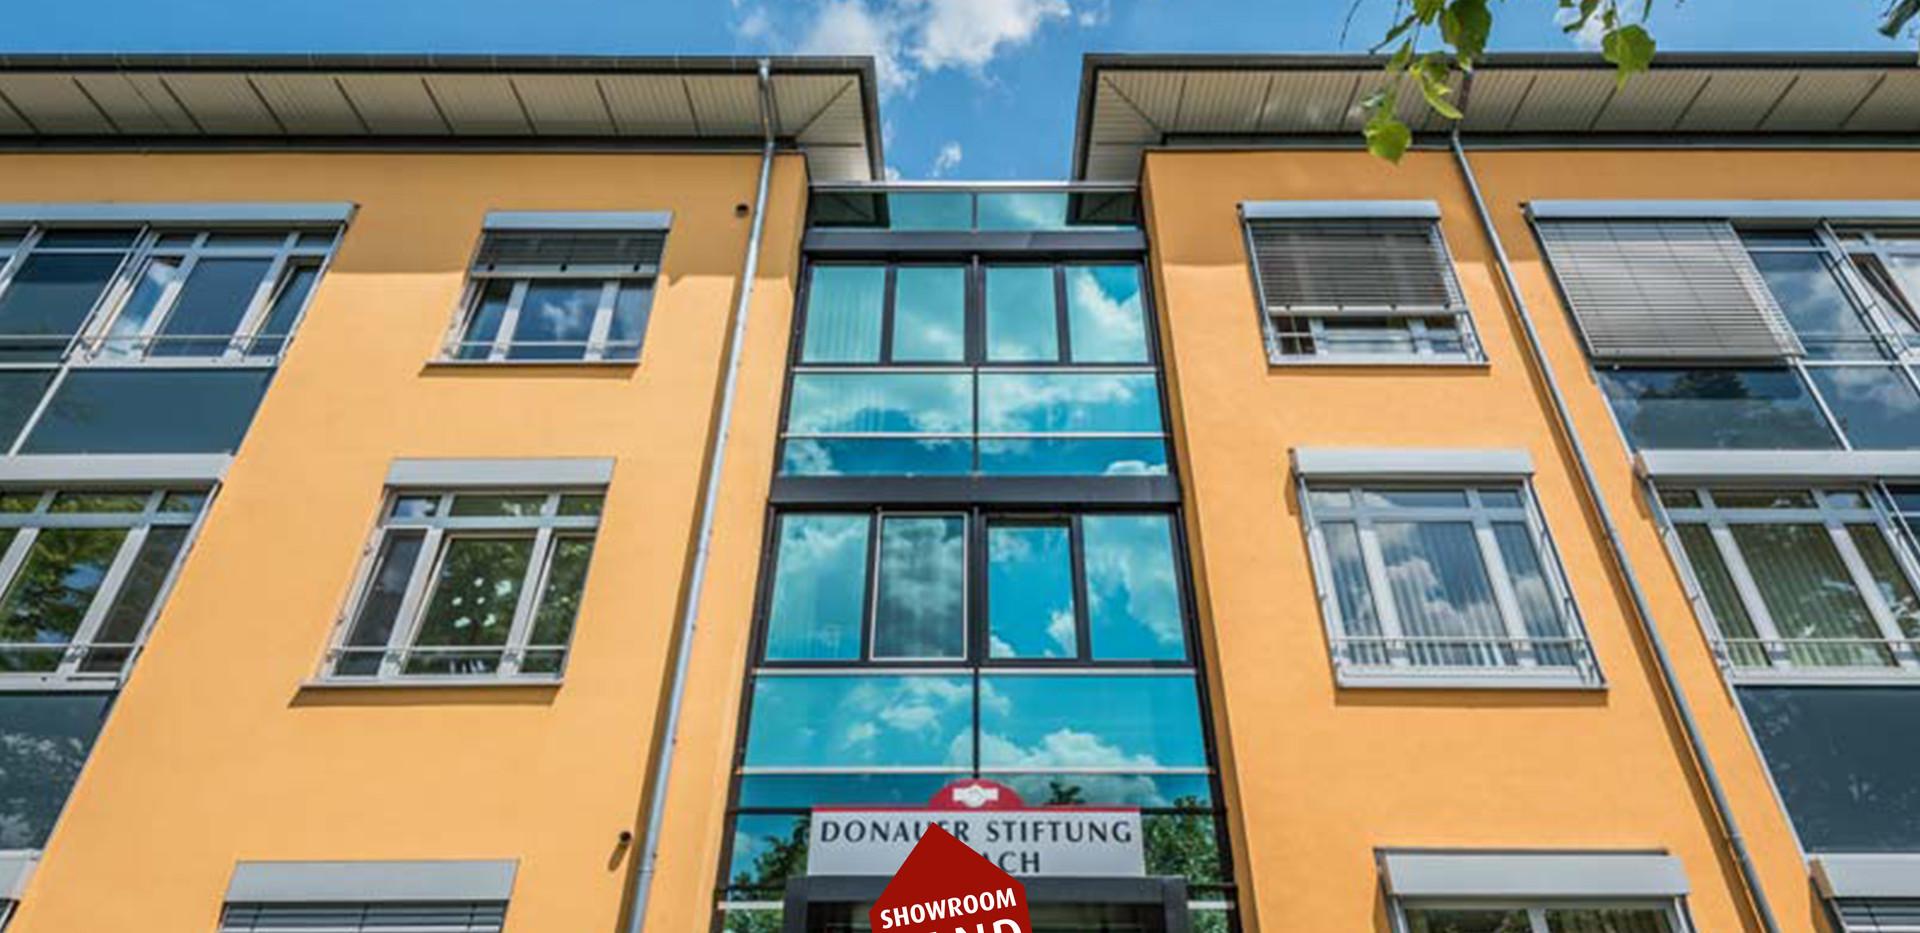 Donauer Stiftung Fassaden Gestaltung Neumarkt